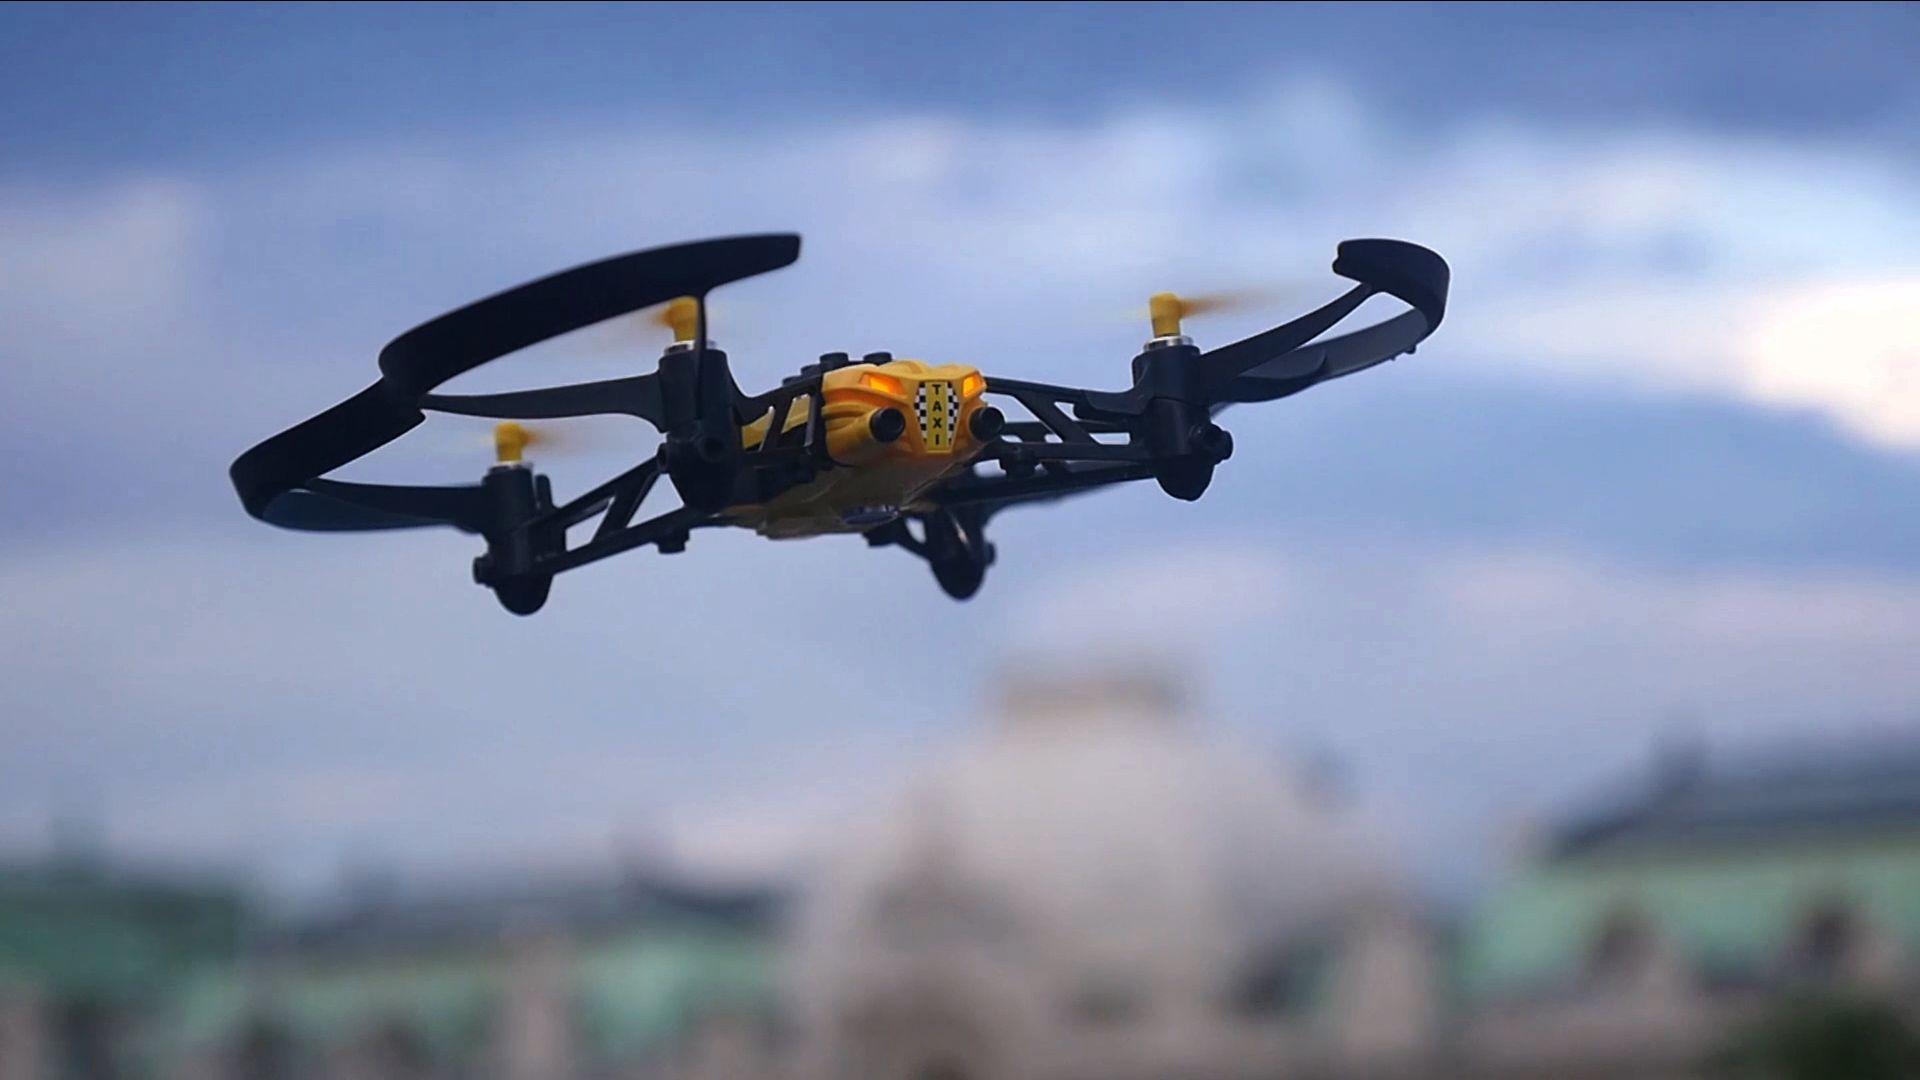 Parrot ha presentado sus nuevos minidrones, capaces de volar, correr, y desplazarse por el agua. Precios de entre 99 y 169 euros.